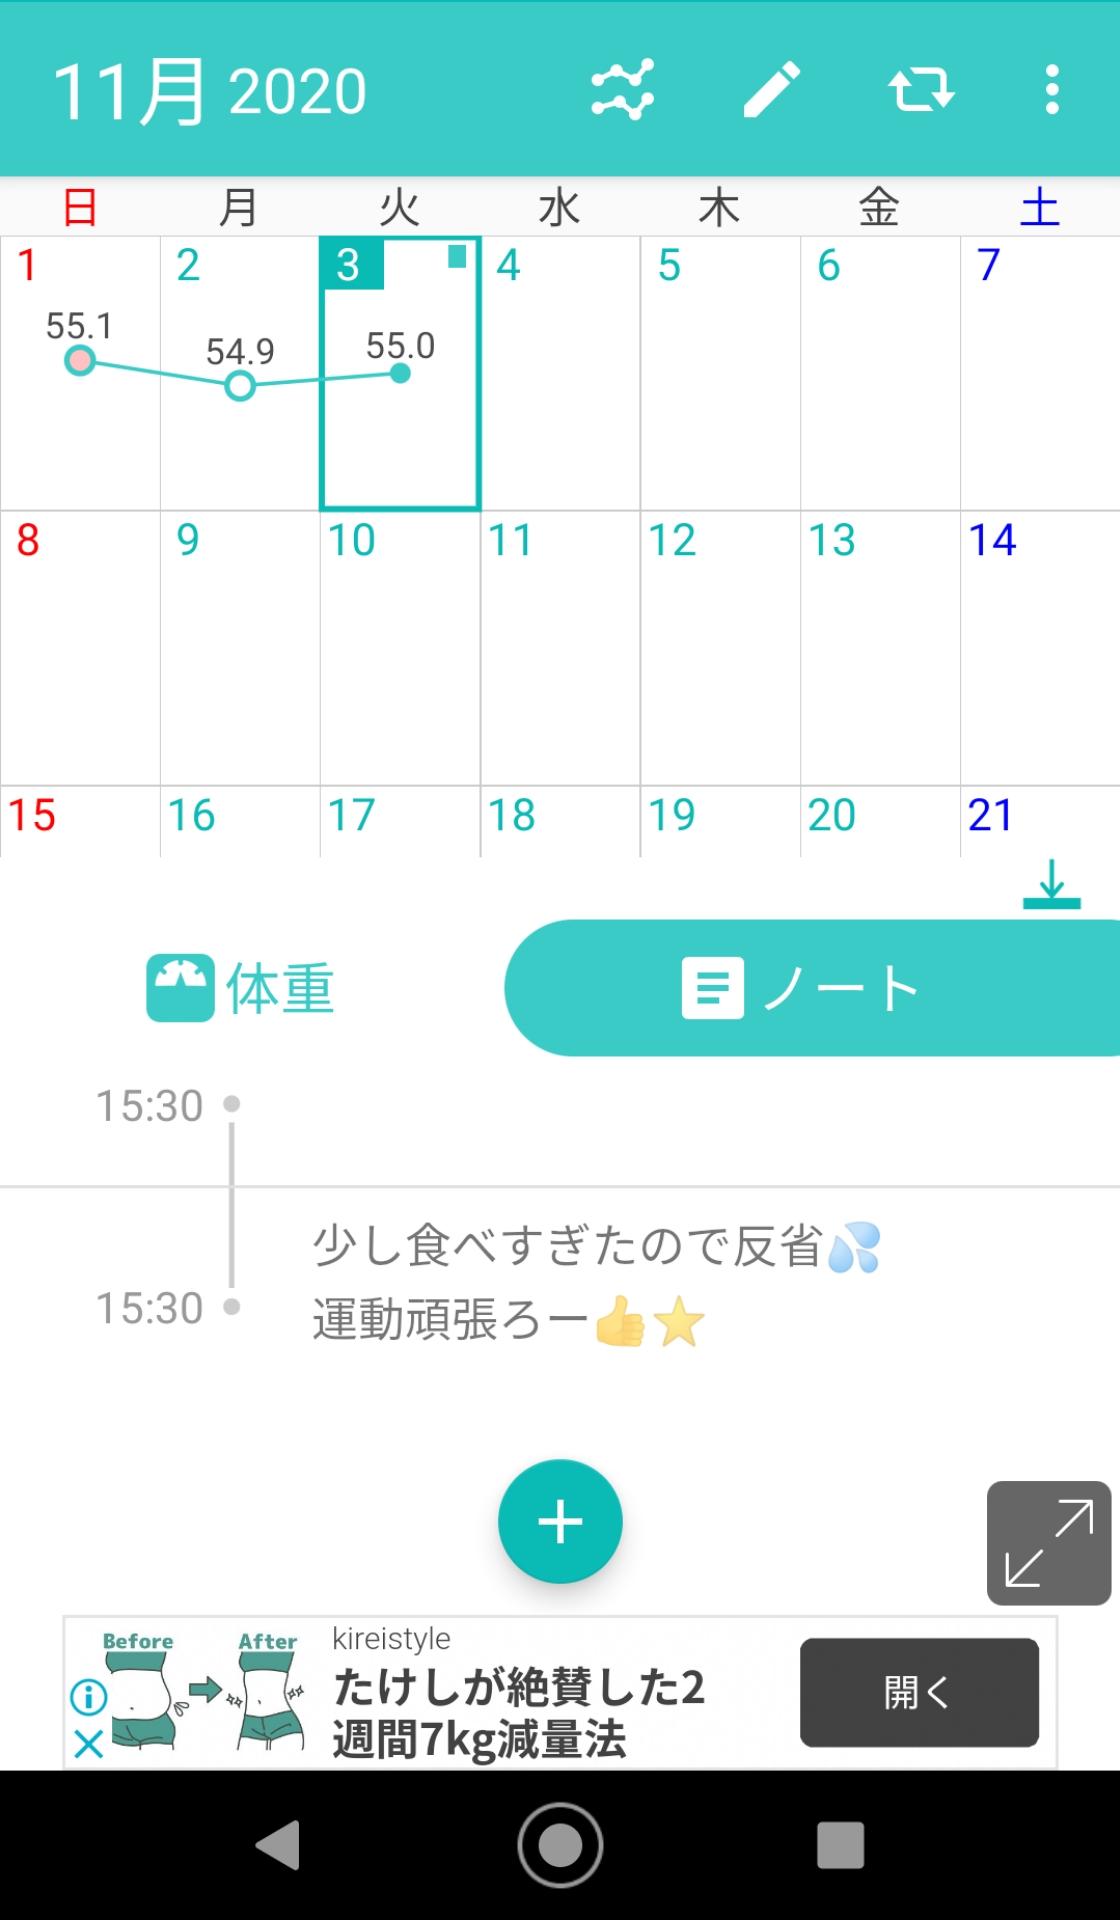 ハミング カレンダー式 参考